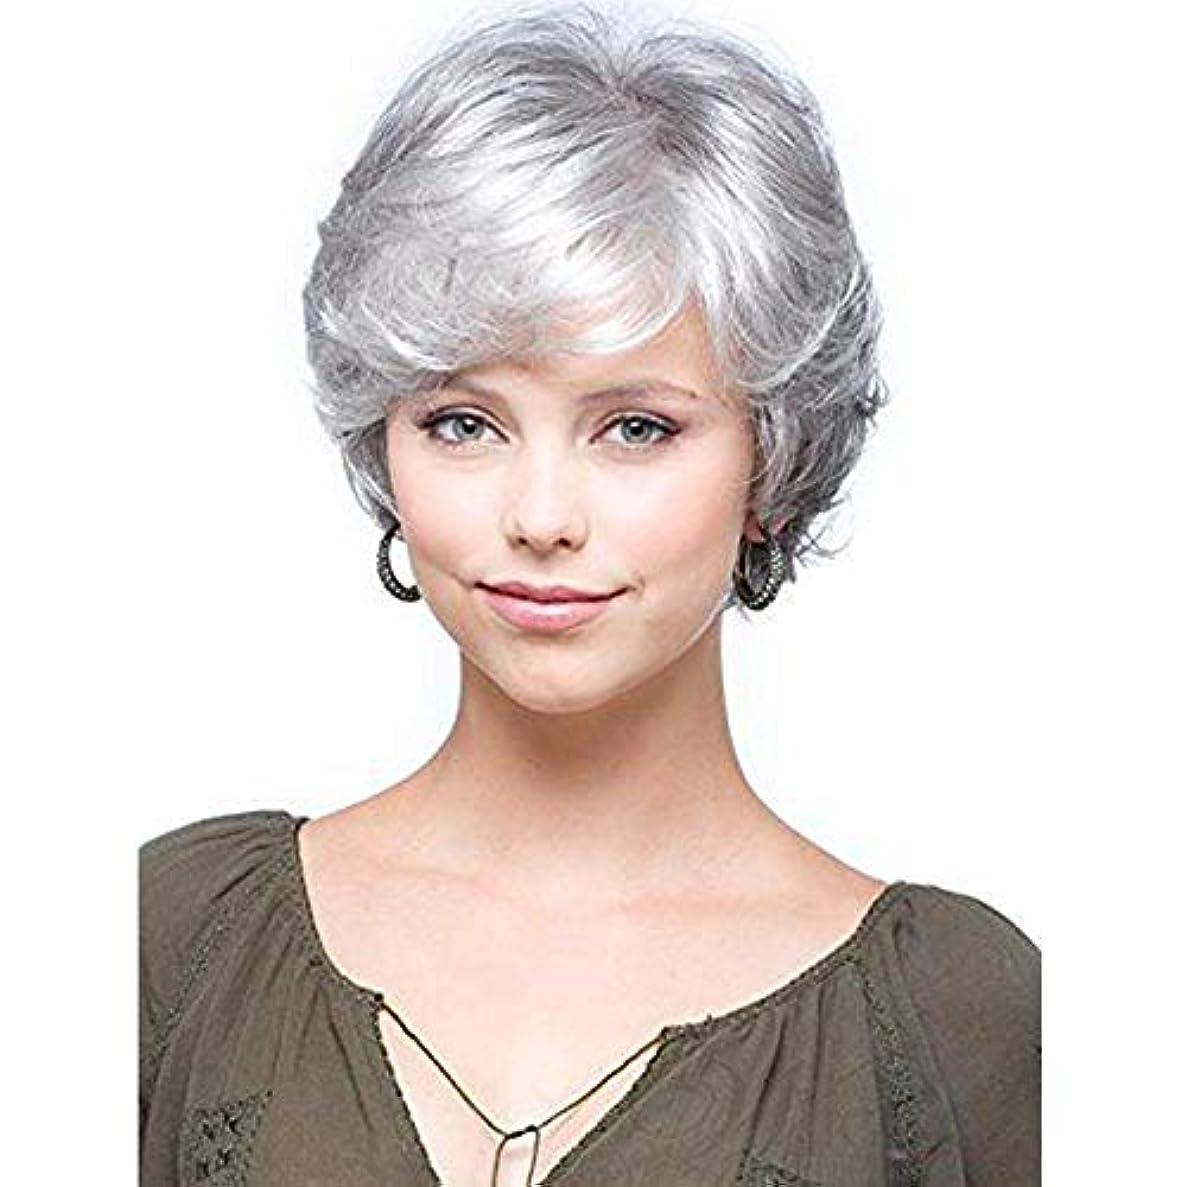 不安定魔法推進力WASAIO 女性の短い巻き毛のかつら古い中年女性のシルバーグレーの短い髪 (色 : グレー)